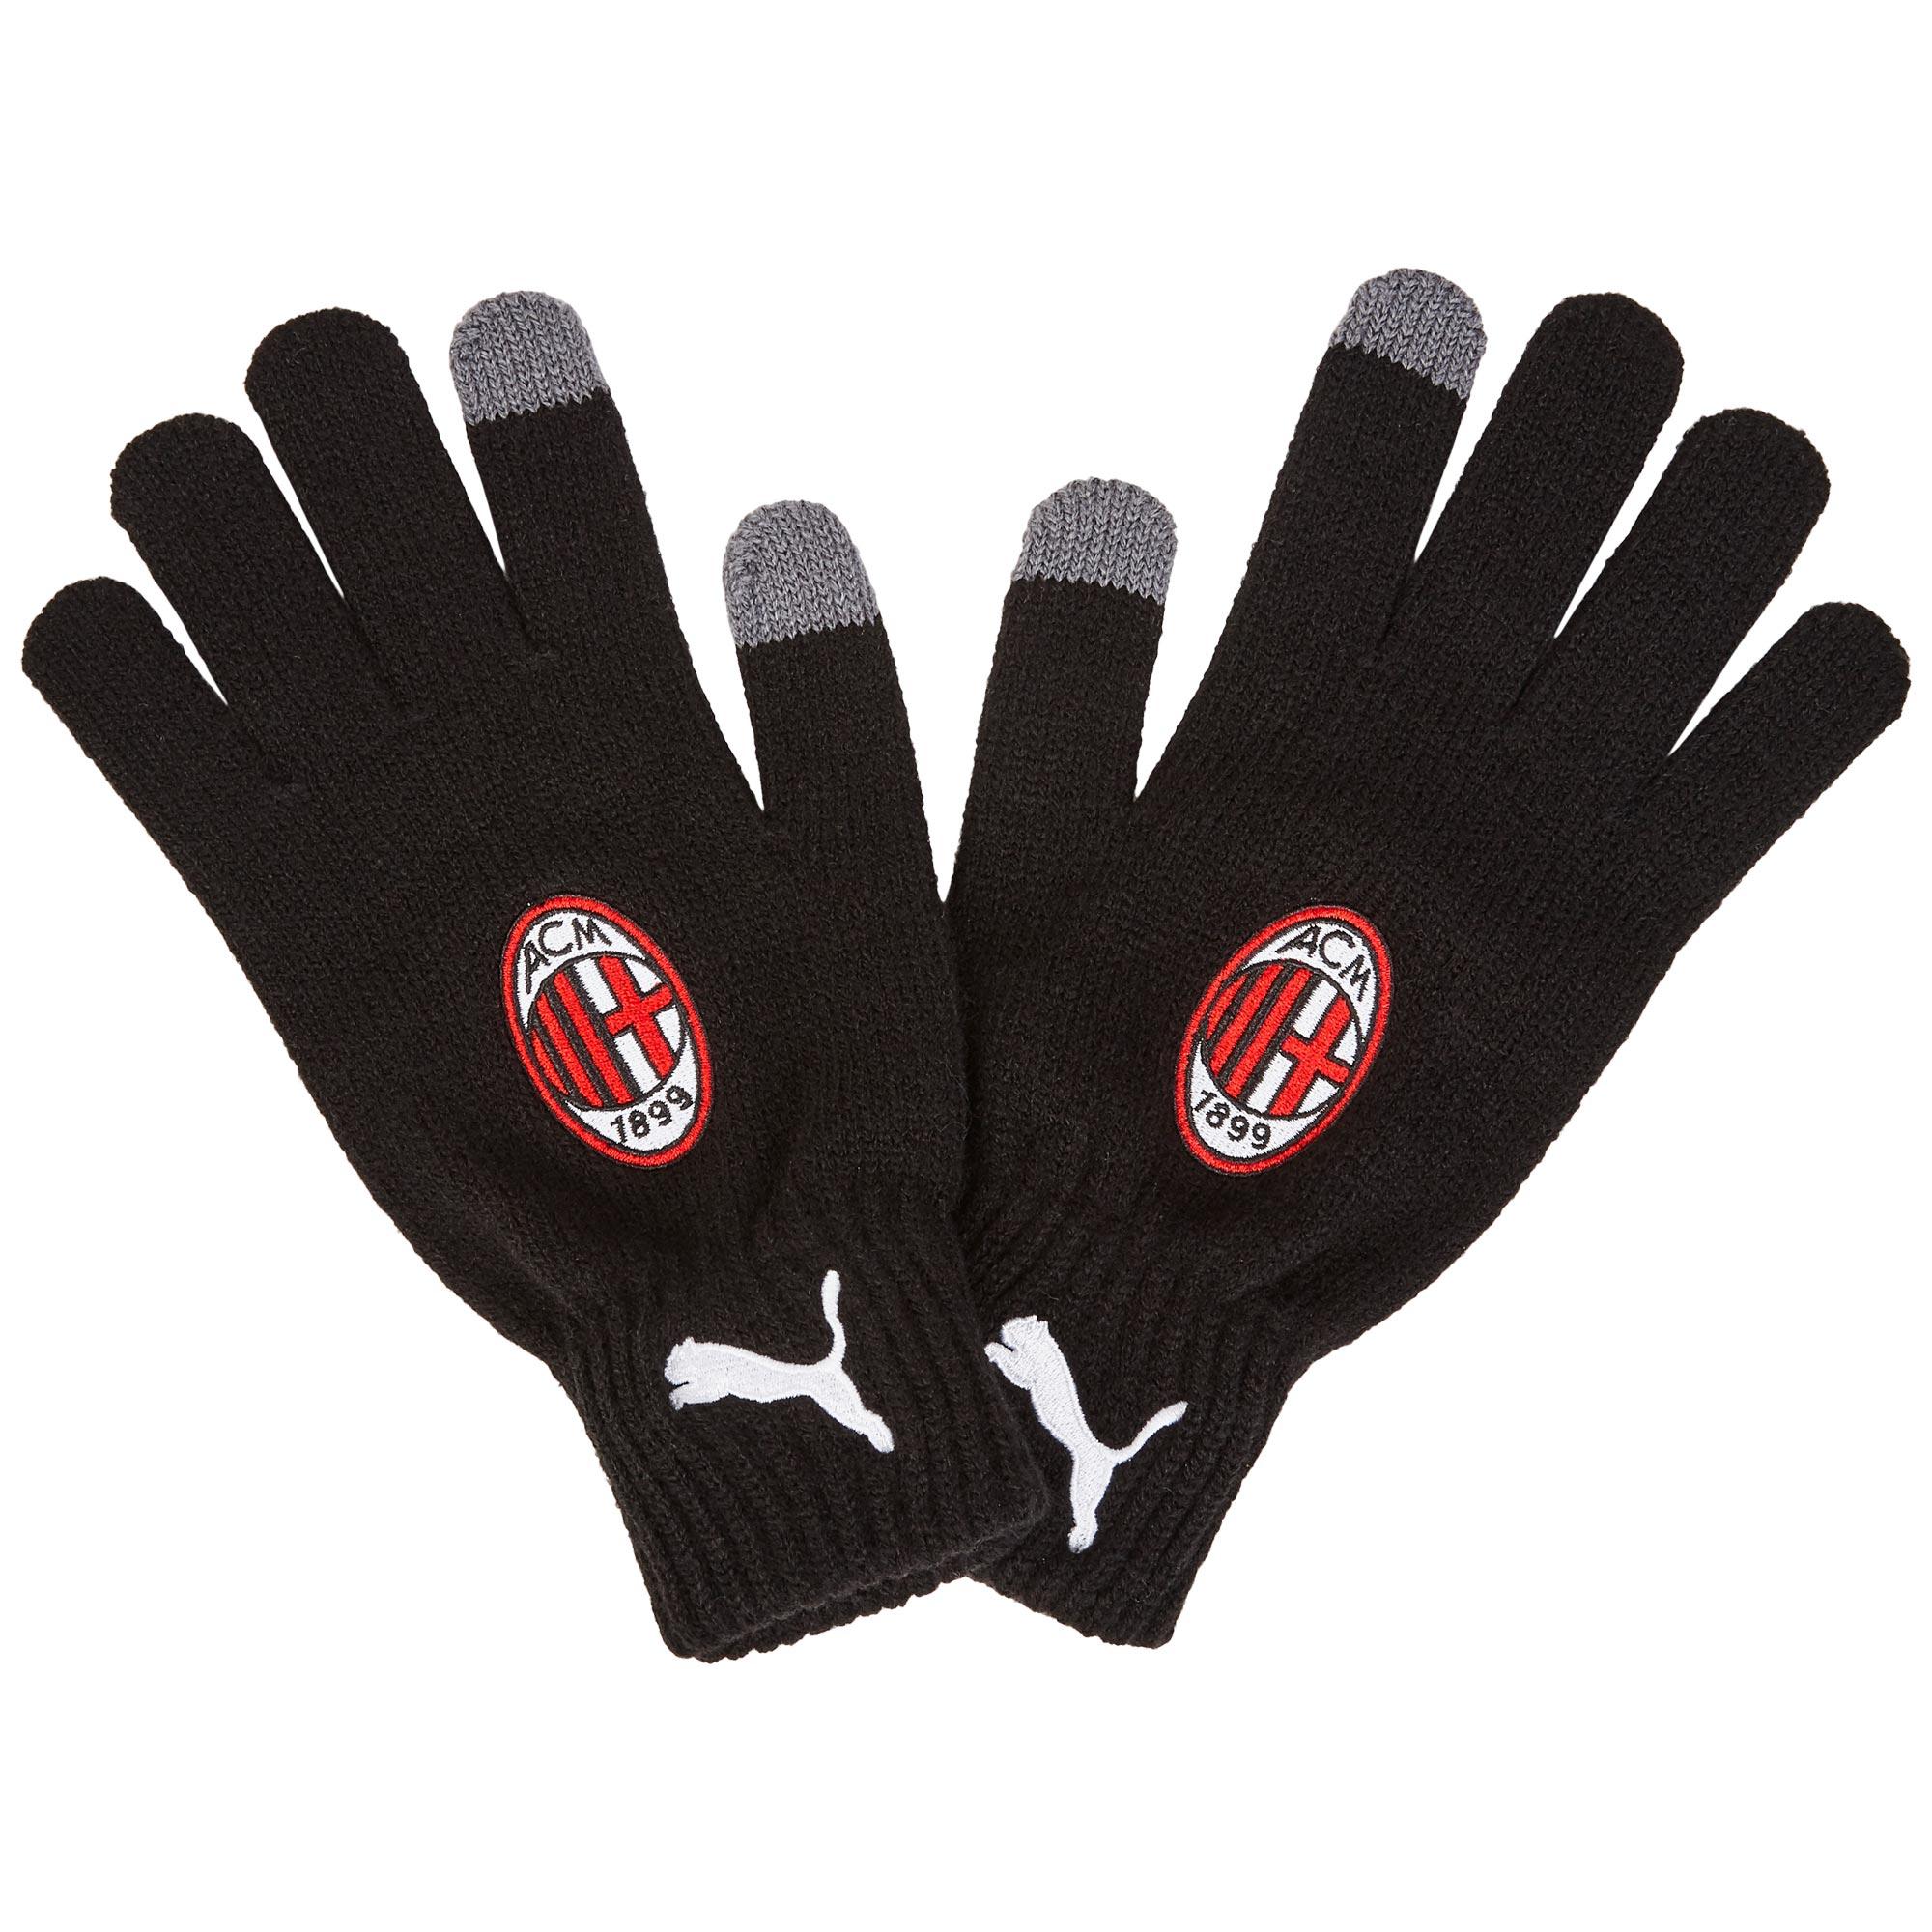 AC Milan Knitted Gloves - Black